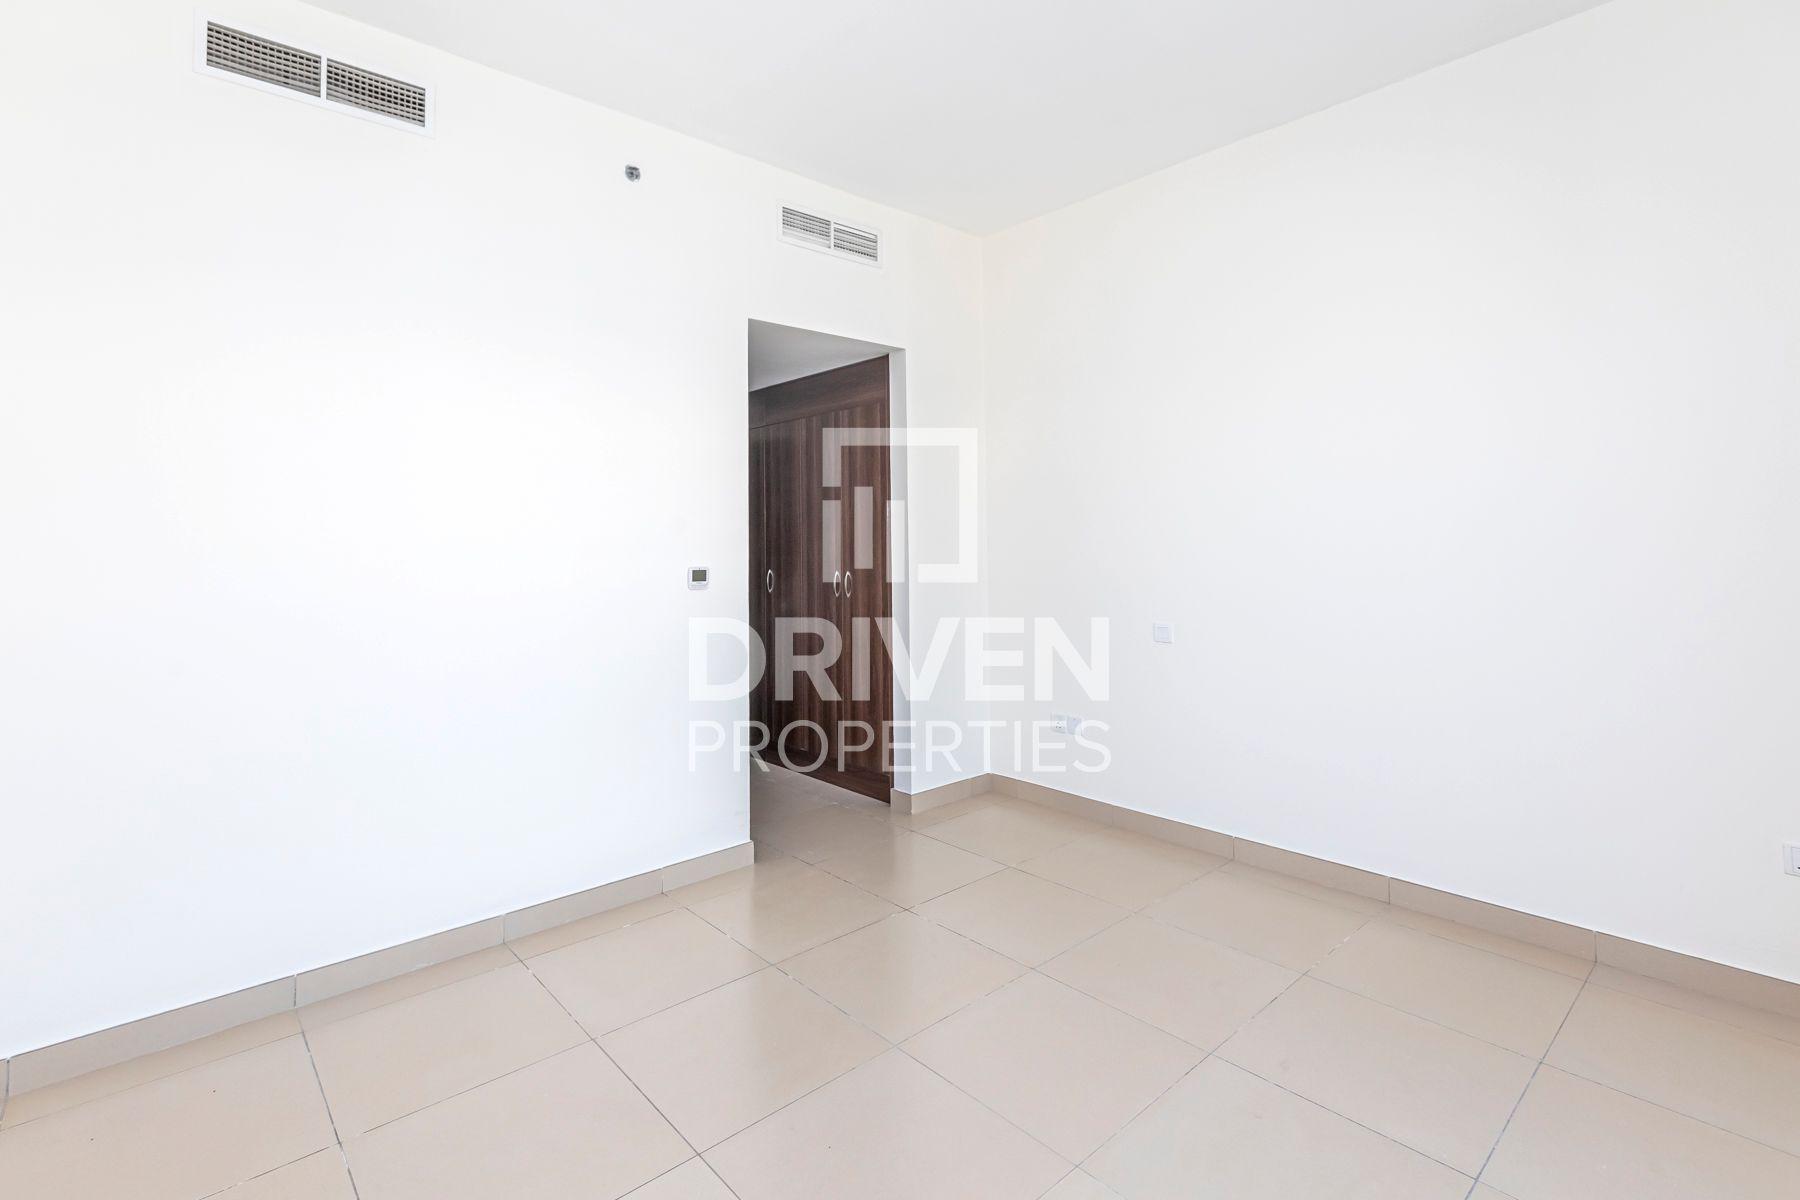 للايجار - شقة - ستاديوم بوينت - مدينة دبي الرياضية